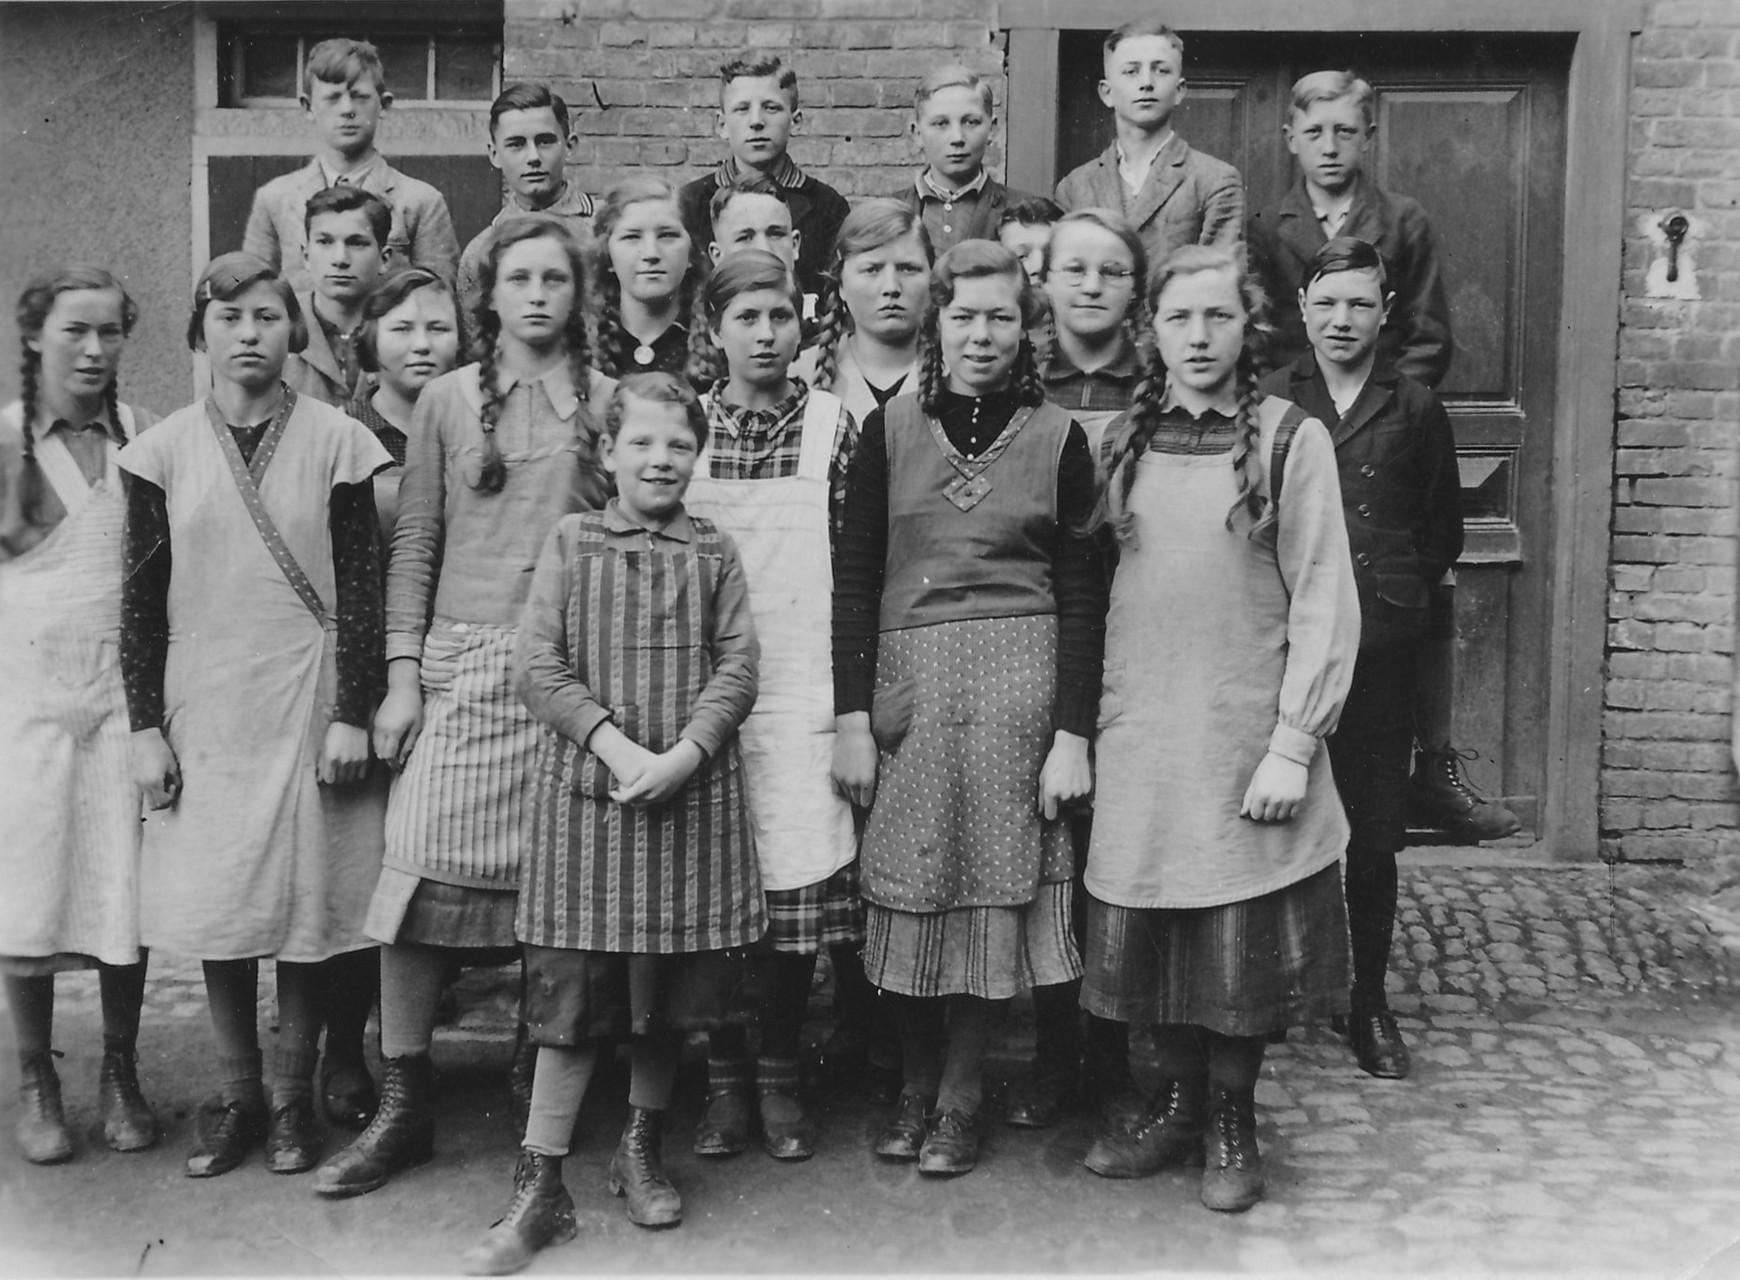 Jahrgang 1920 Bild: unbekannt